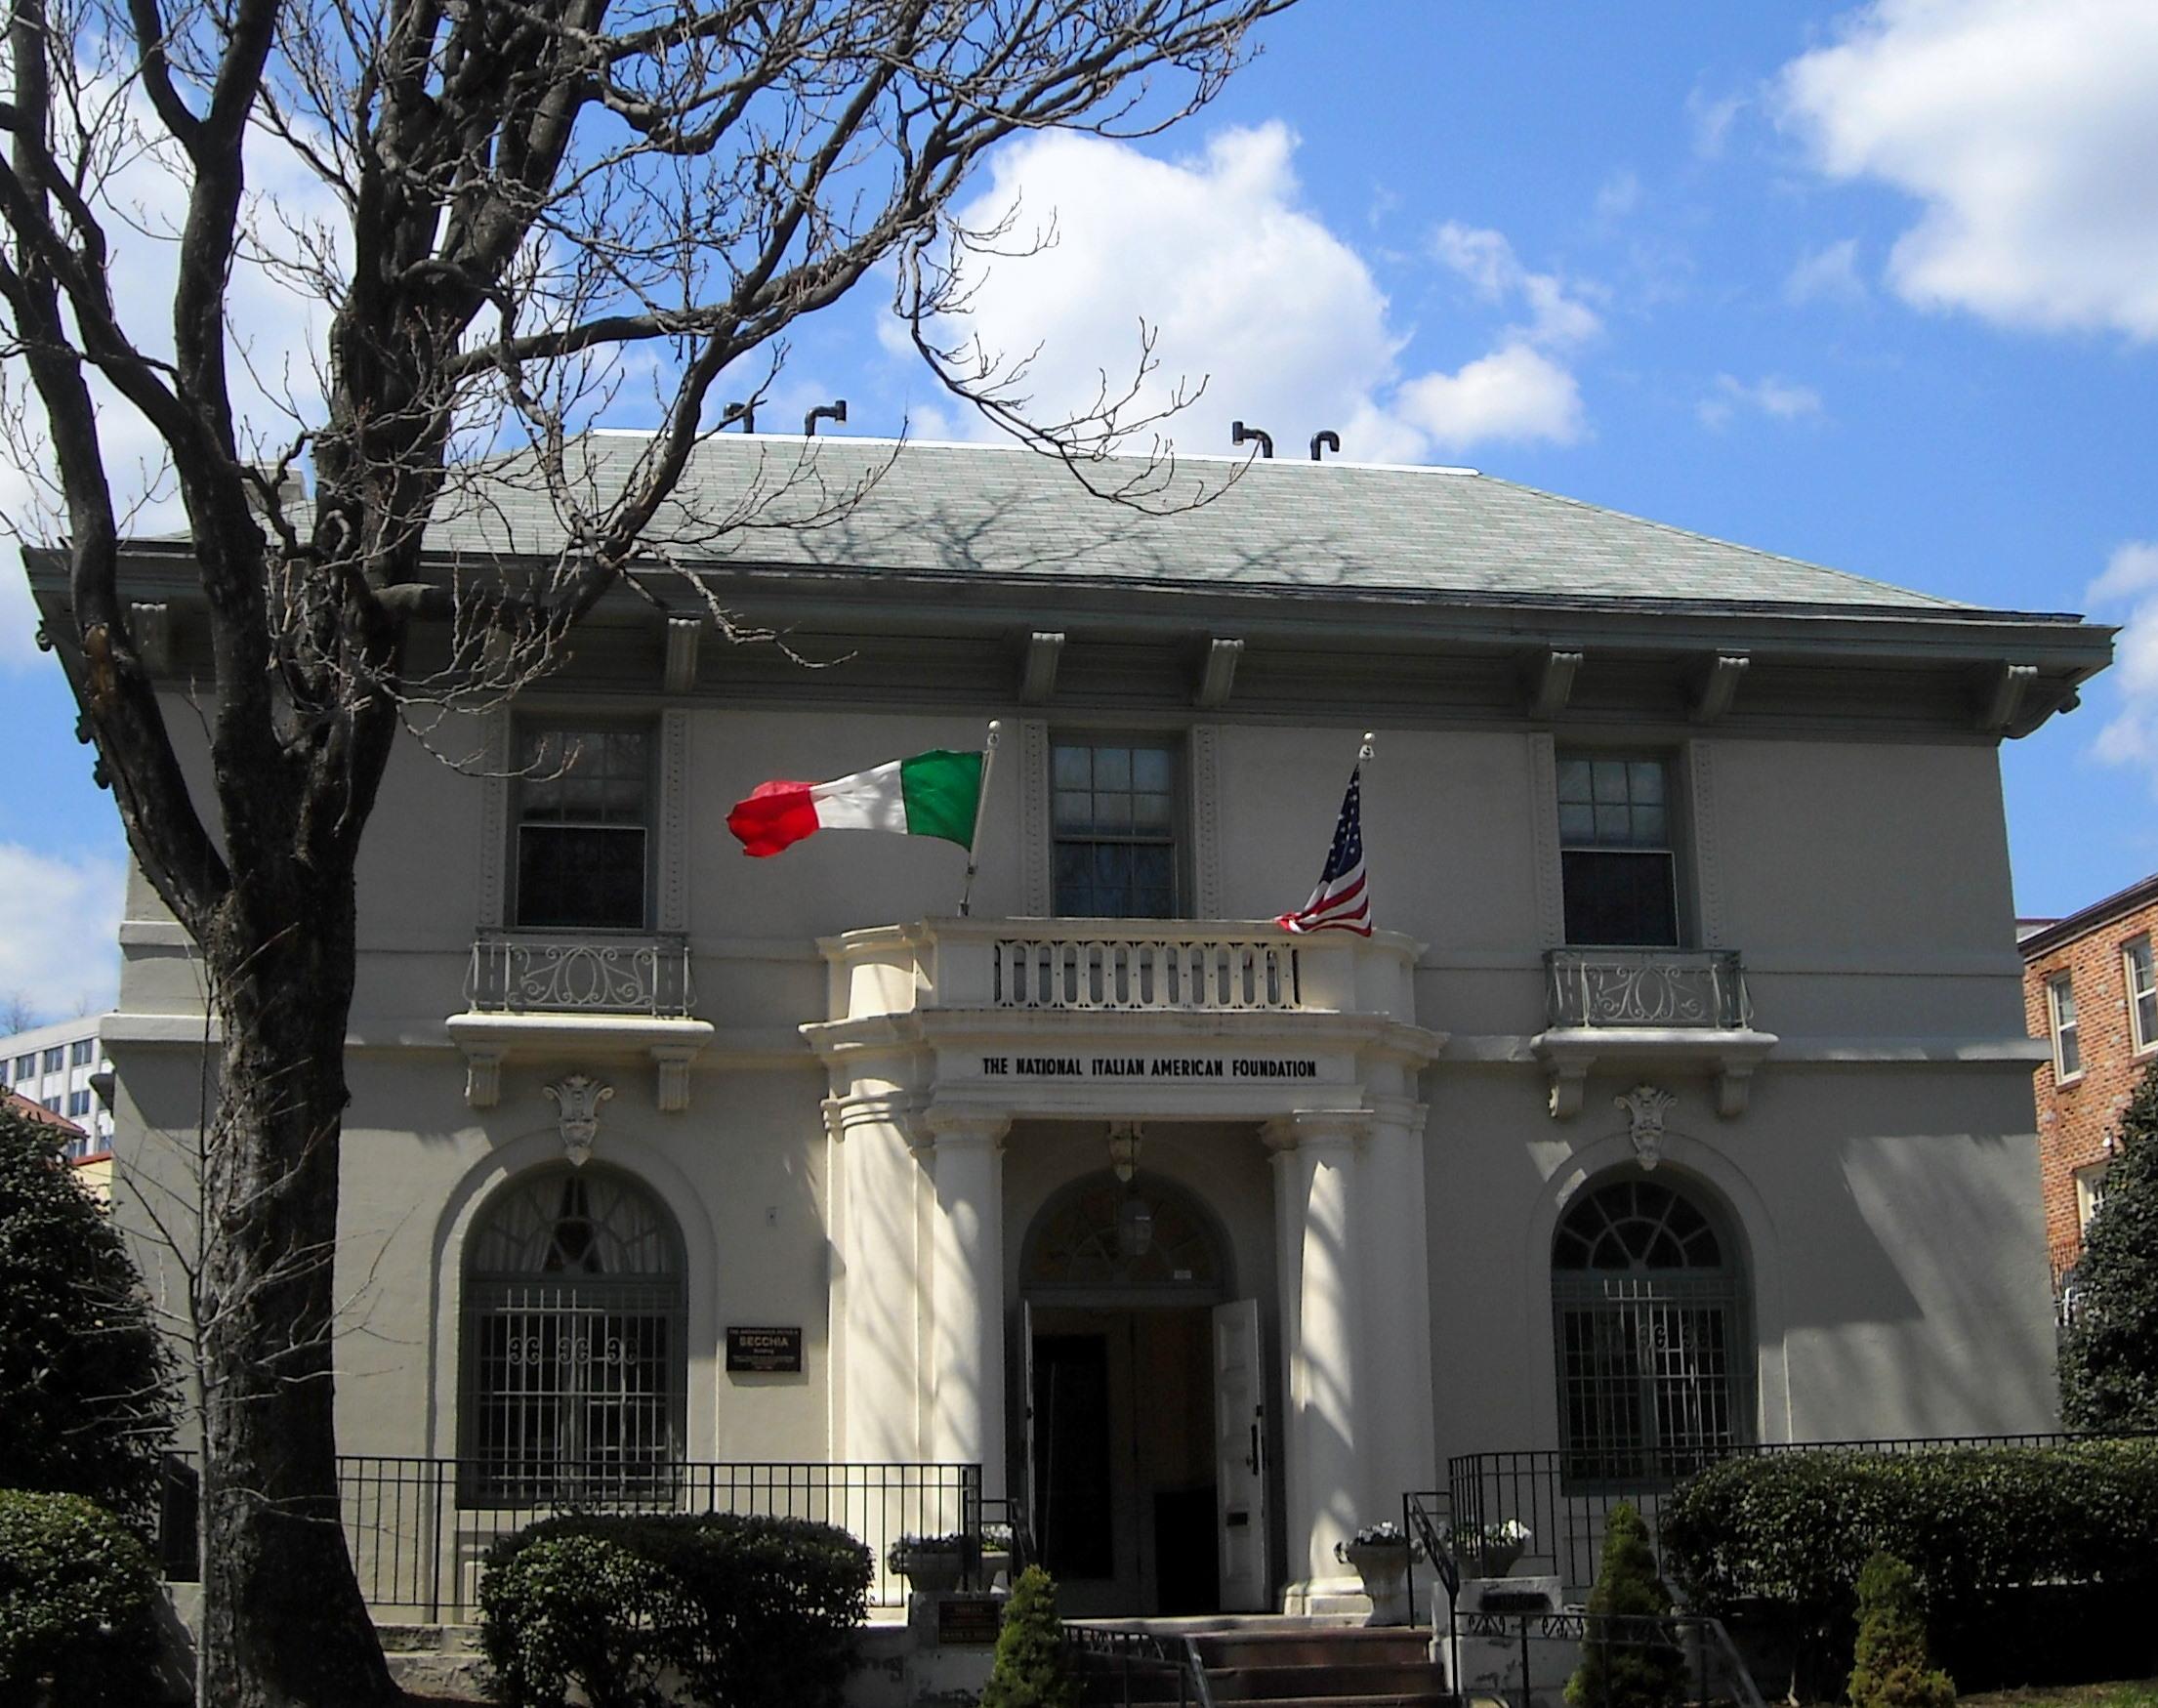 The Italian-American